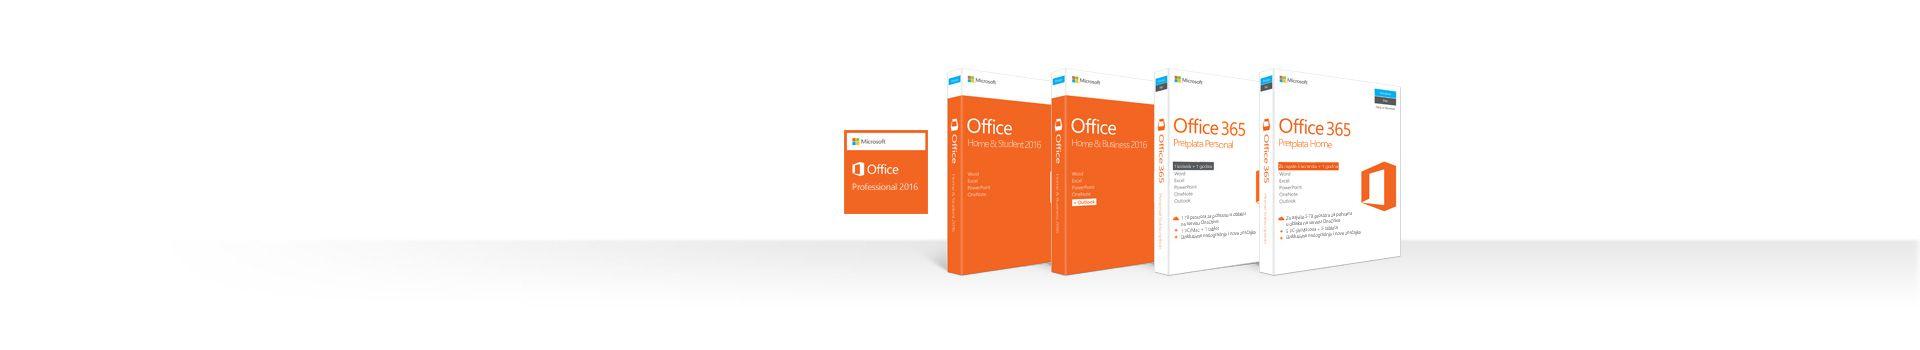 Redak okvira koji predstavljaju pretplatu na Office i samostalne proizvode za PC